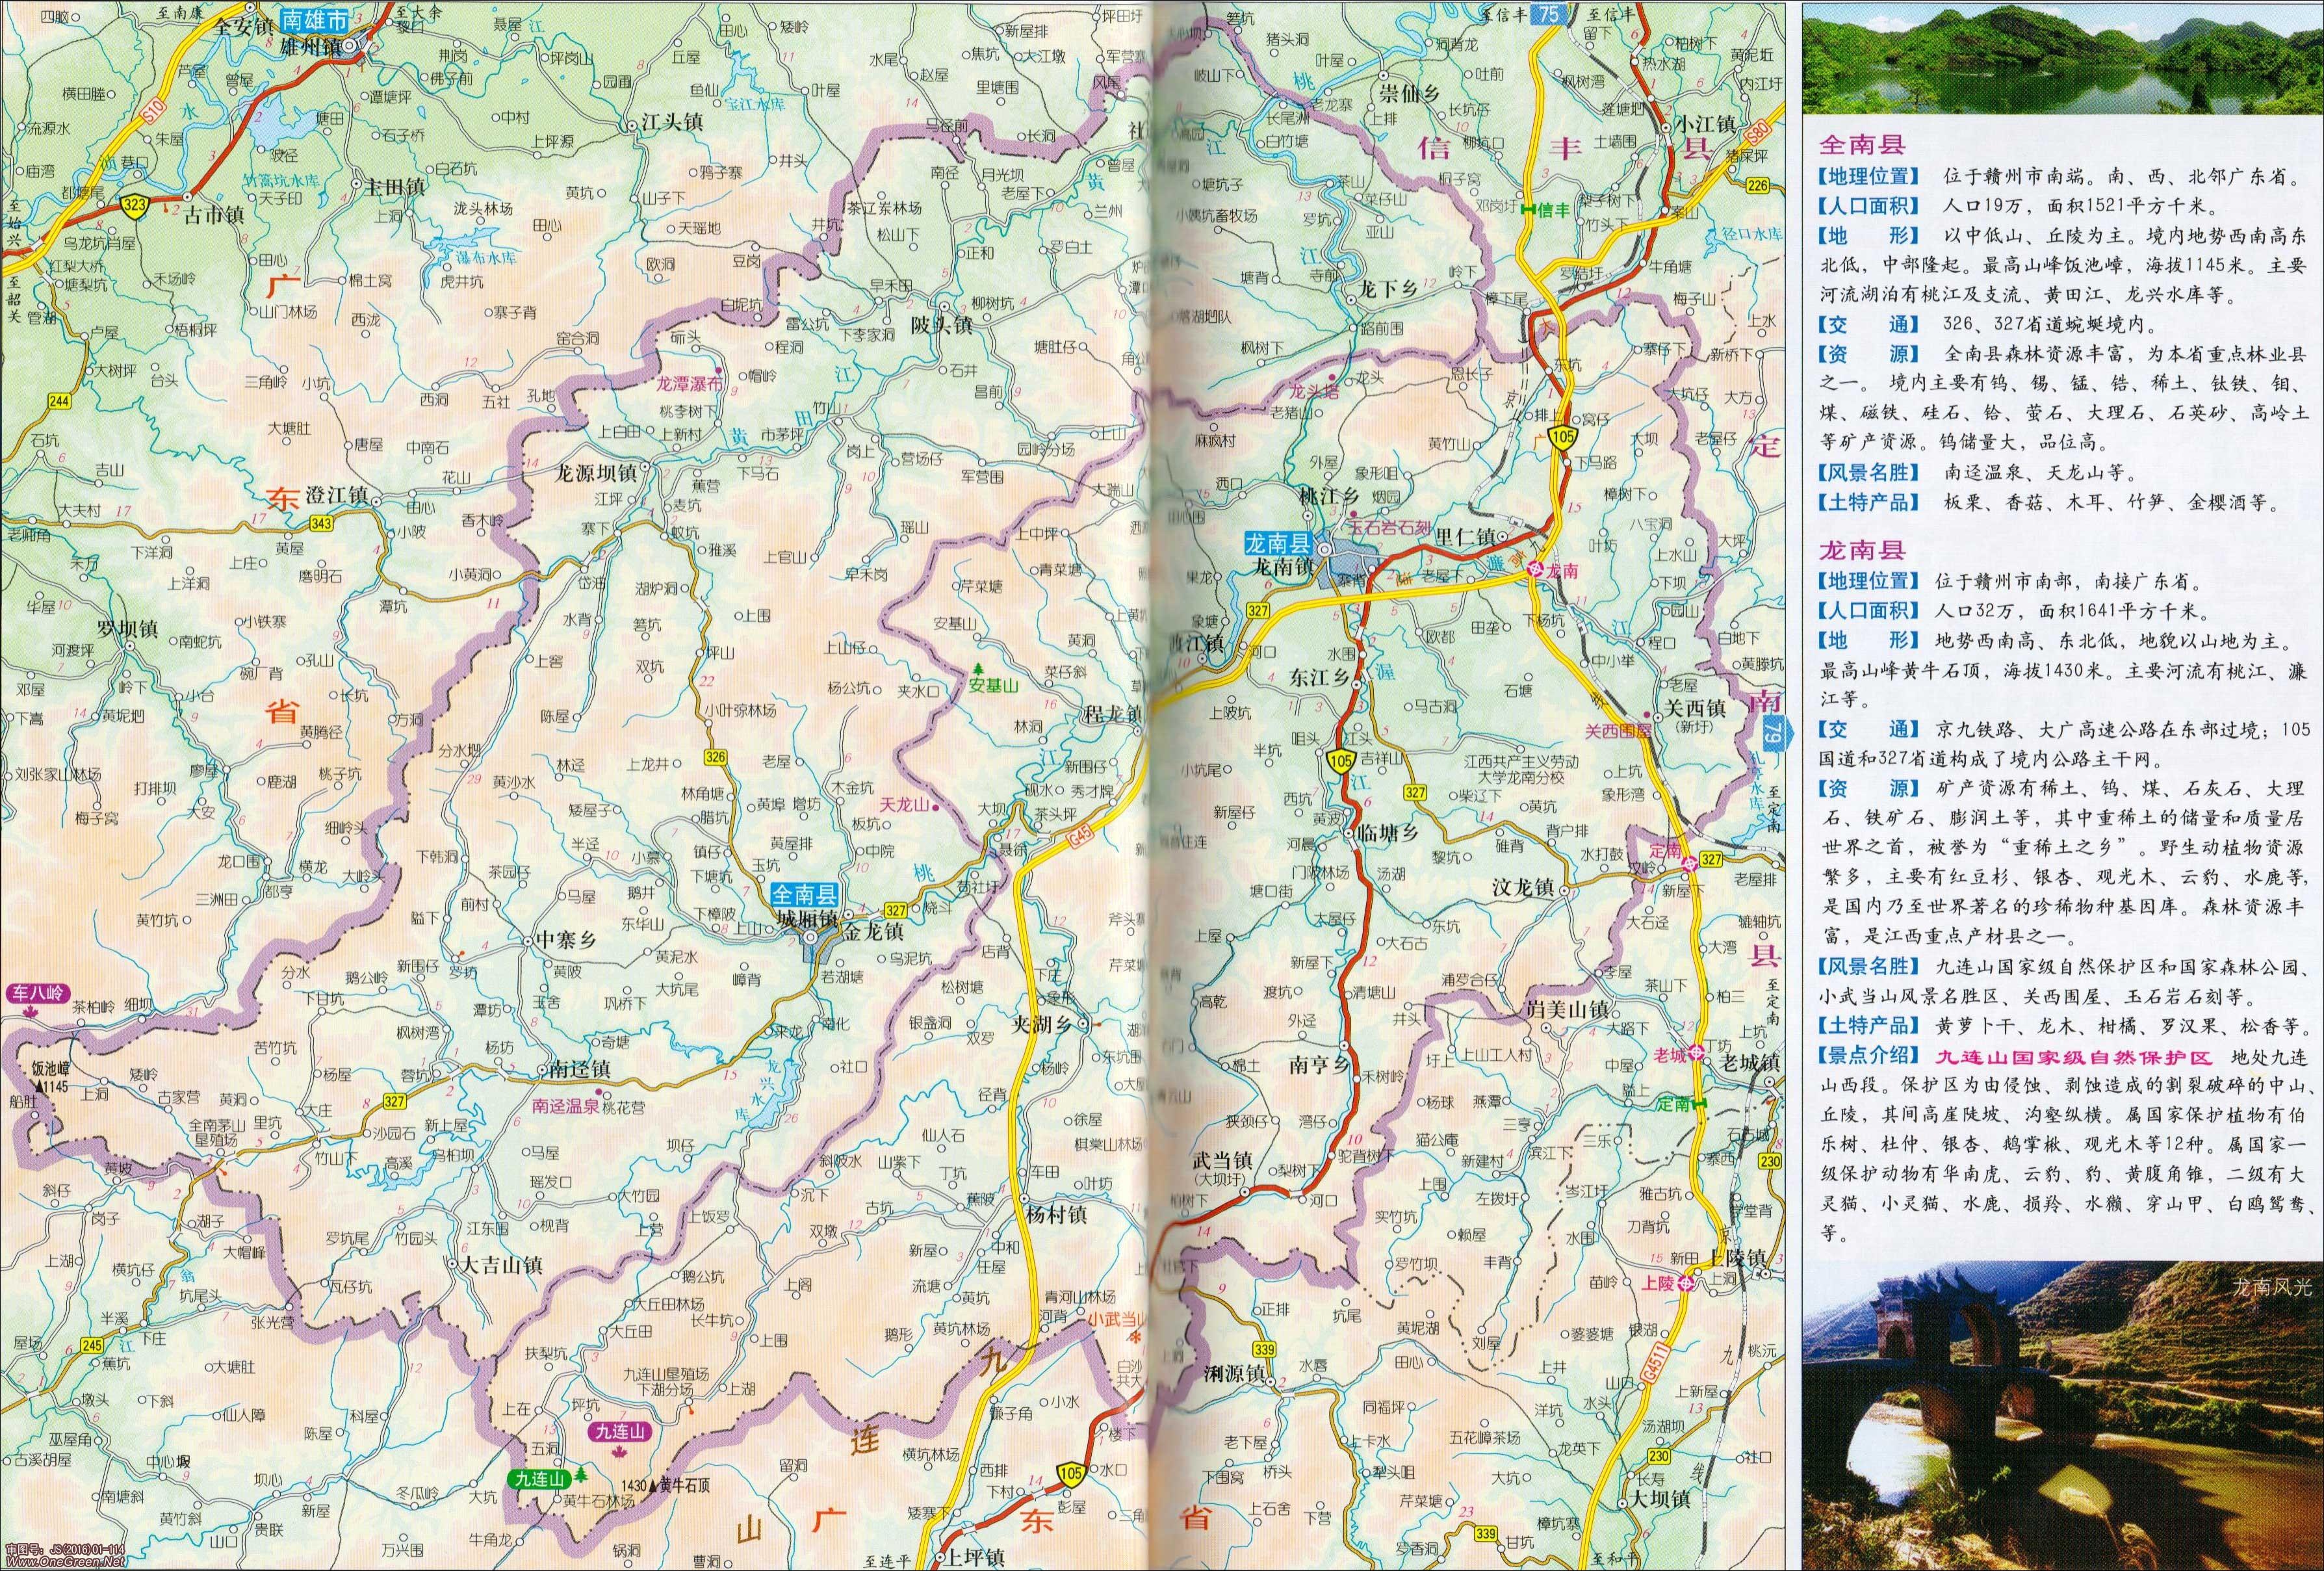 江西省全南县地图_江西省龙南县地图 - www.aihao8w.com